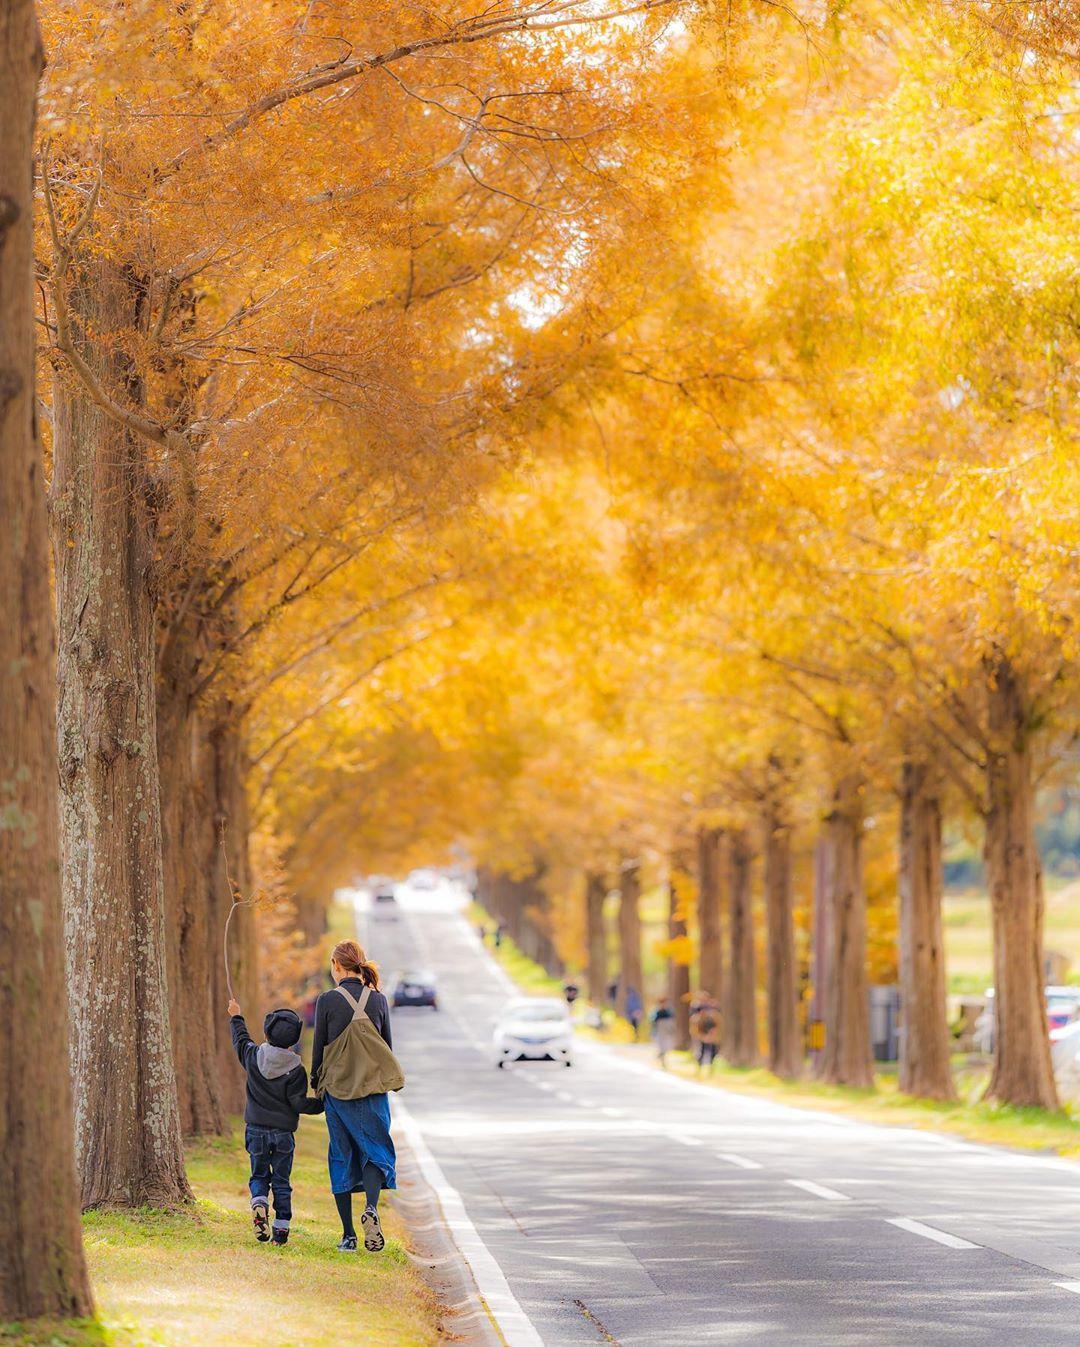 """Có một nước Nhật đẹp đến nao lòng qua ống kính của ông bố trẻ """"mê"""" chụp ảnh vợ và con trai, ai xem xong cũng """"tan chảy"""" - Ảnh 22."""